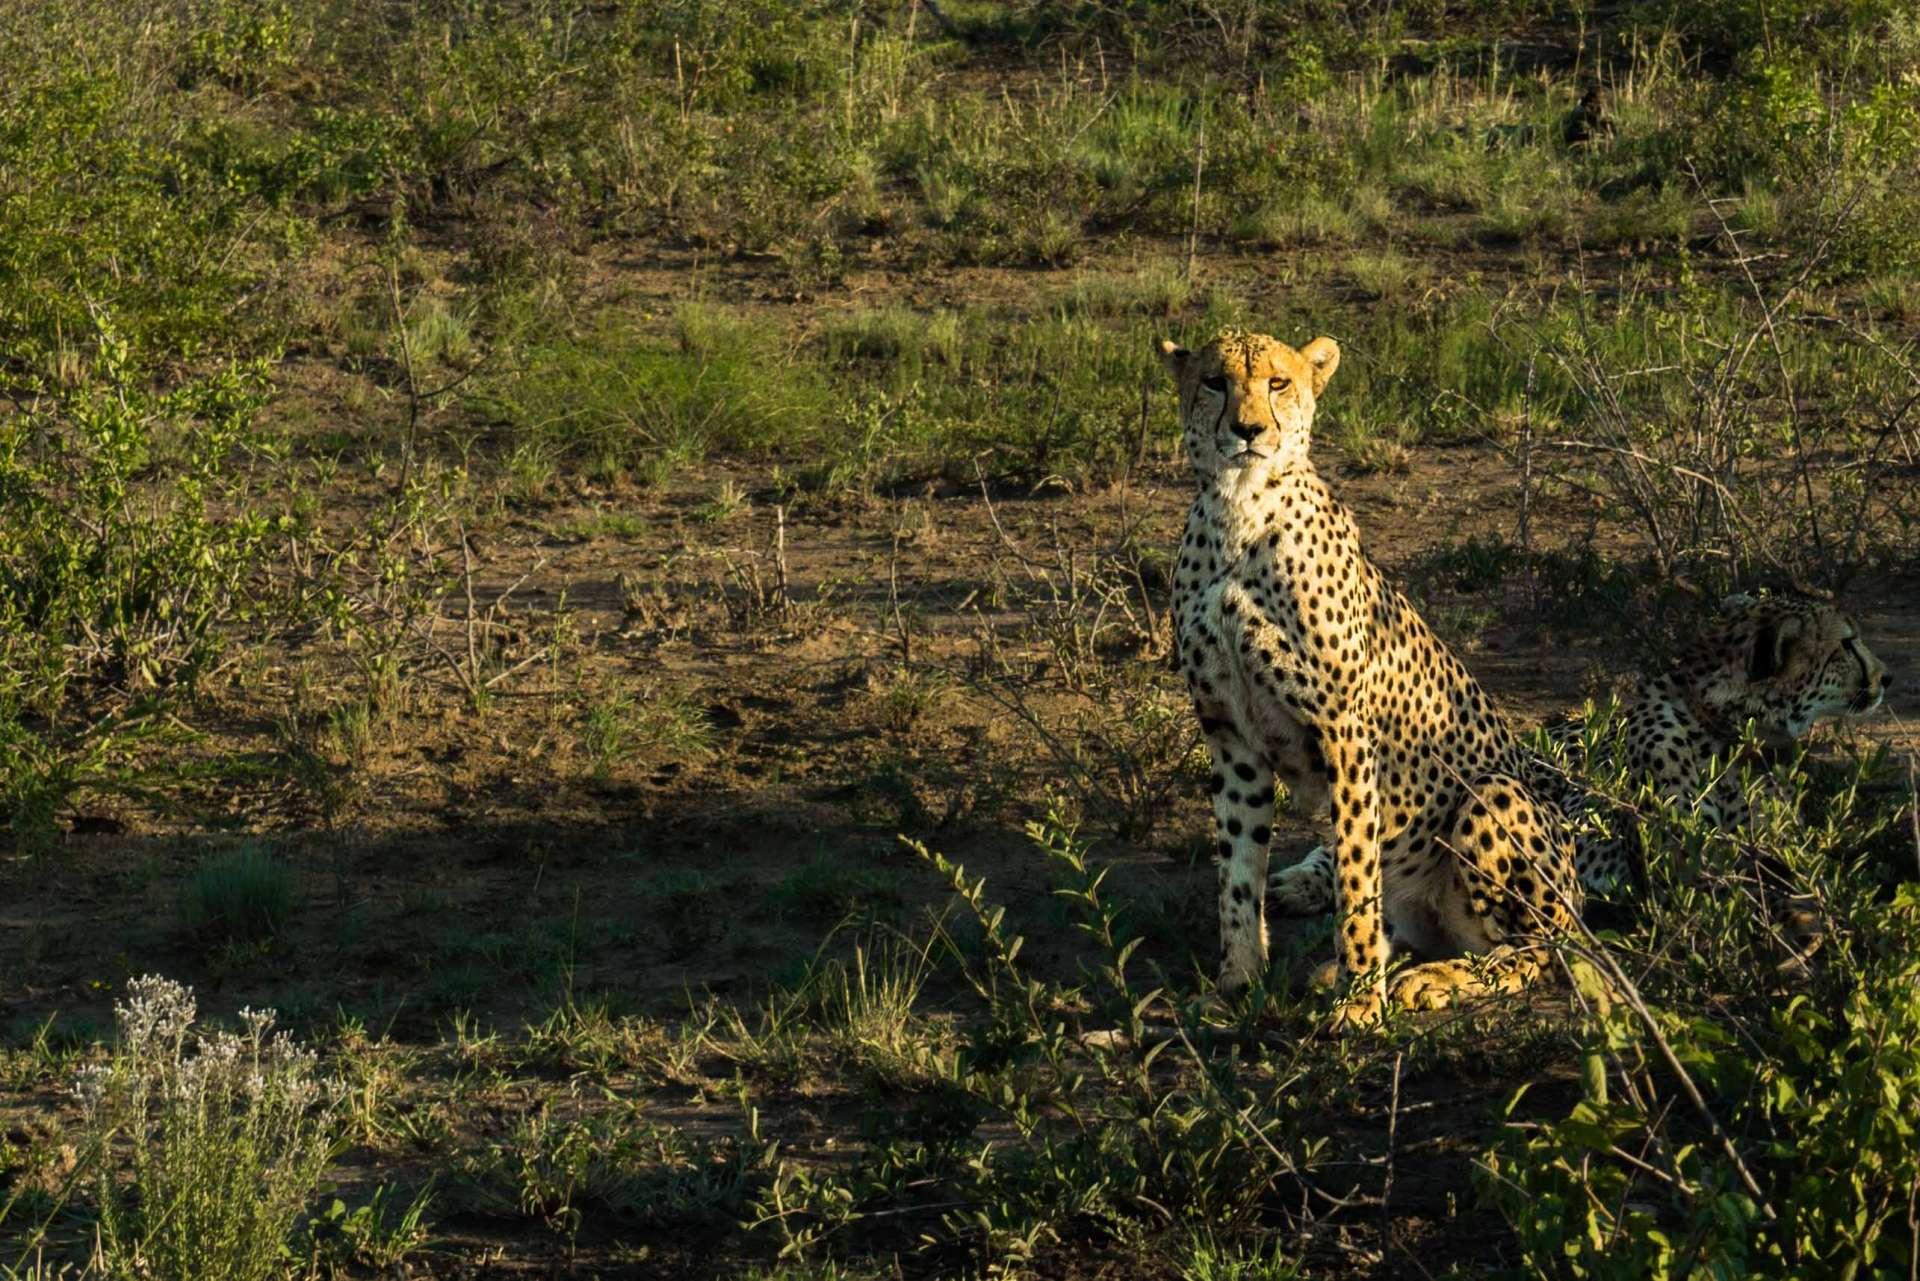 south africa madikwe safari pescart cheetah